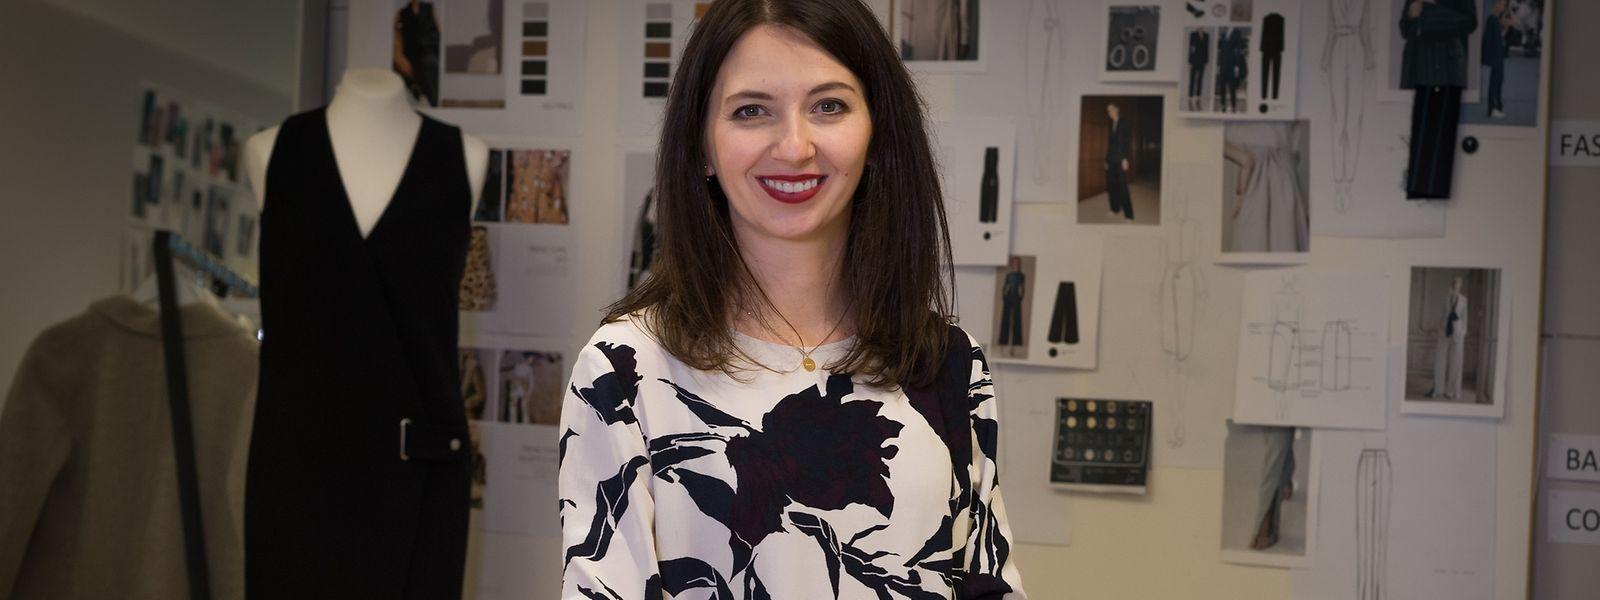 Bei ihren Kreationen hat Designerin Tania Baumeister-Hanff stets das Kaufverhalten der Kunden im Blick.